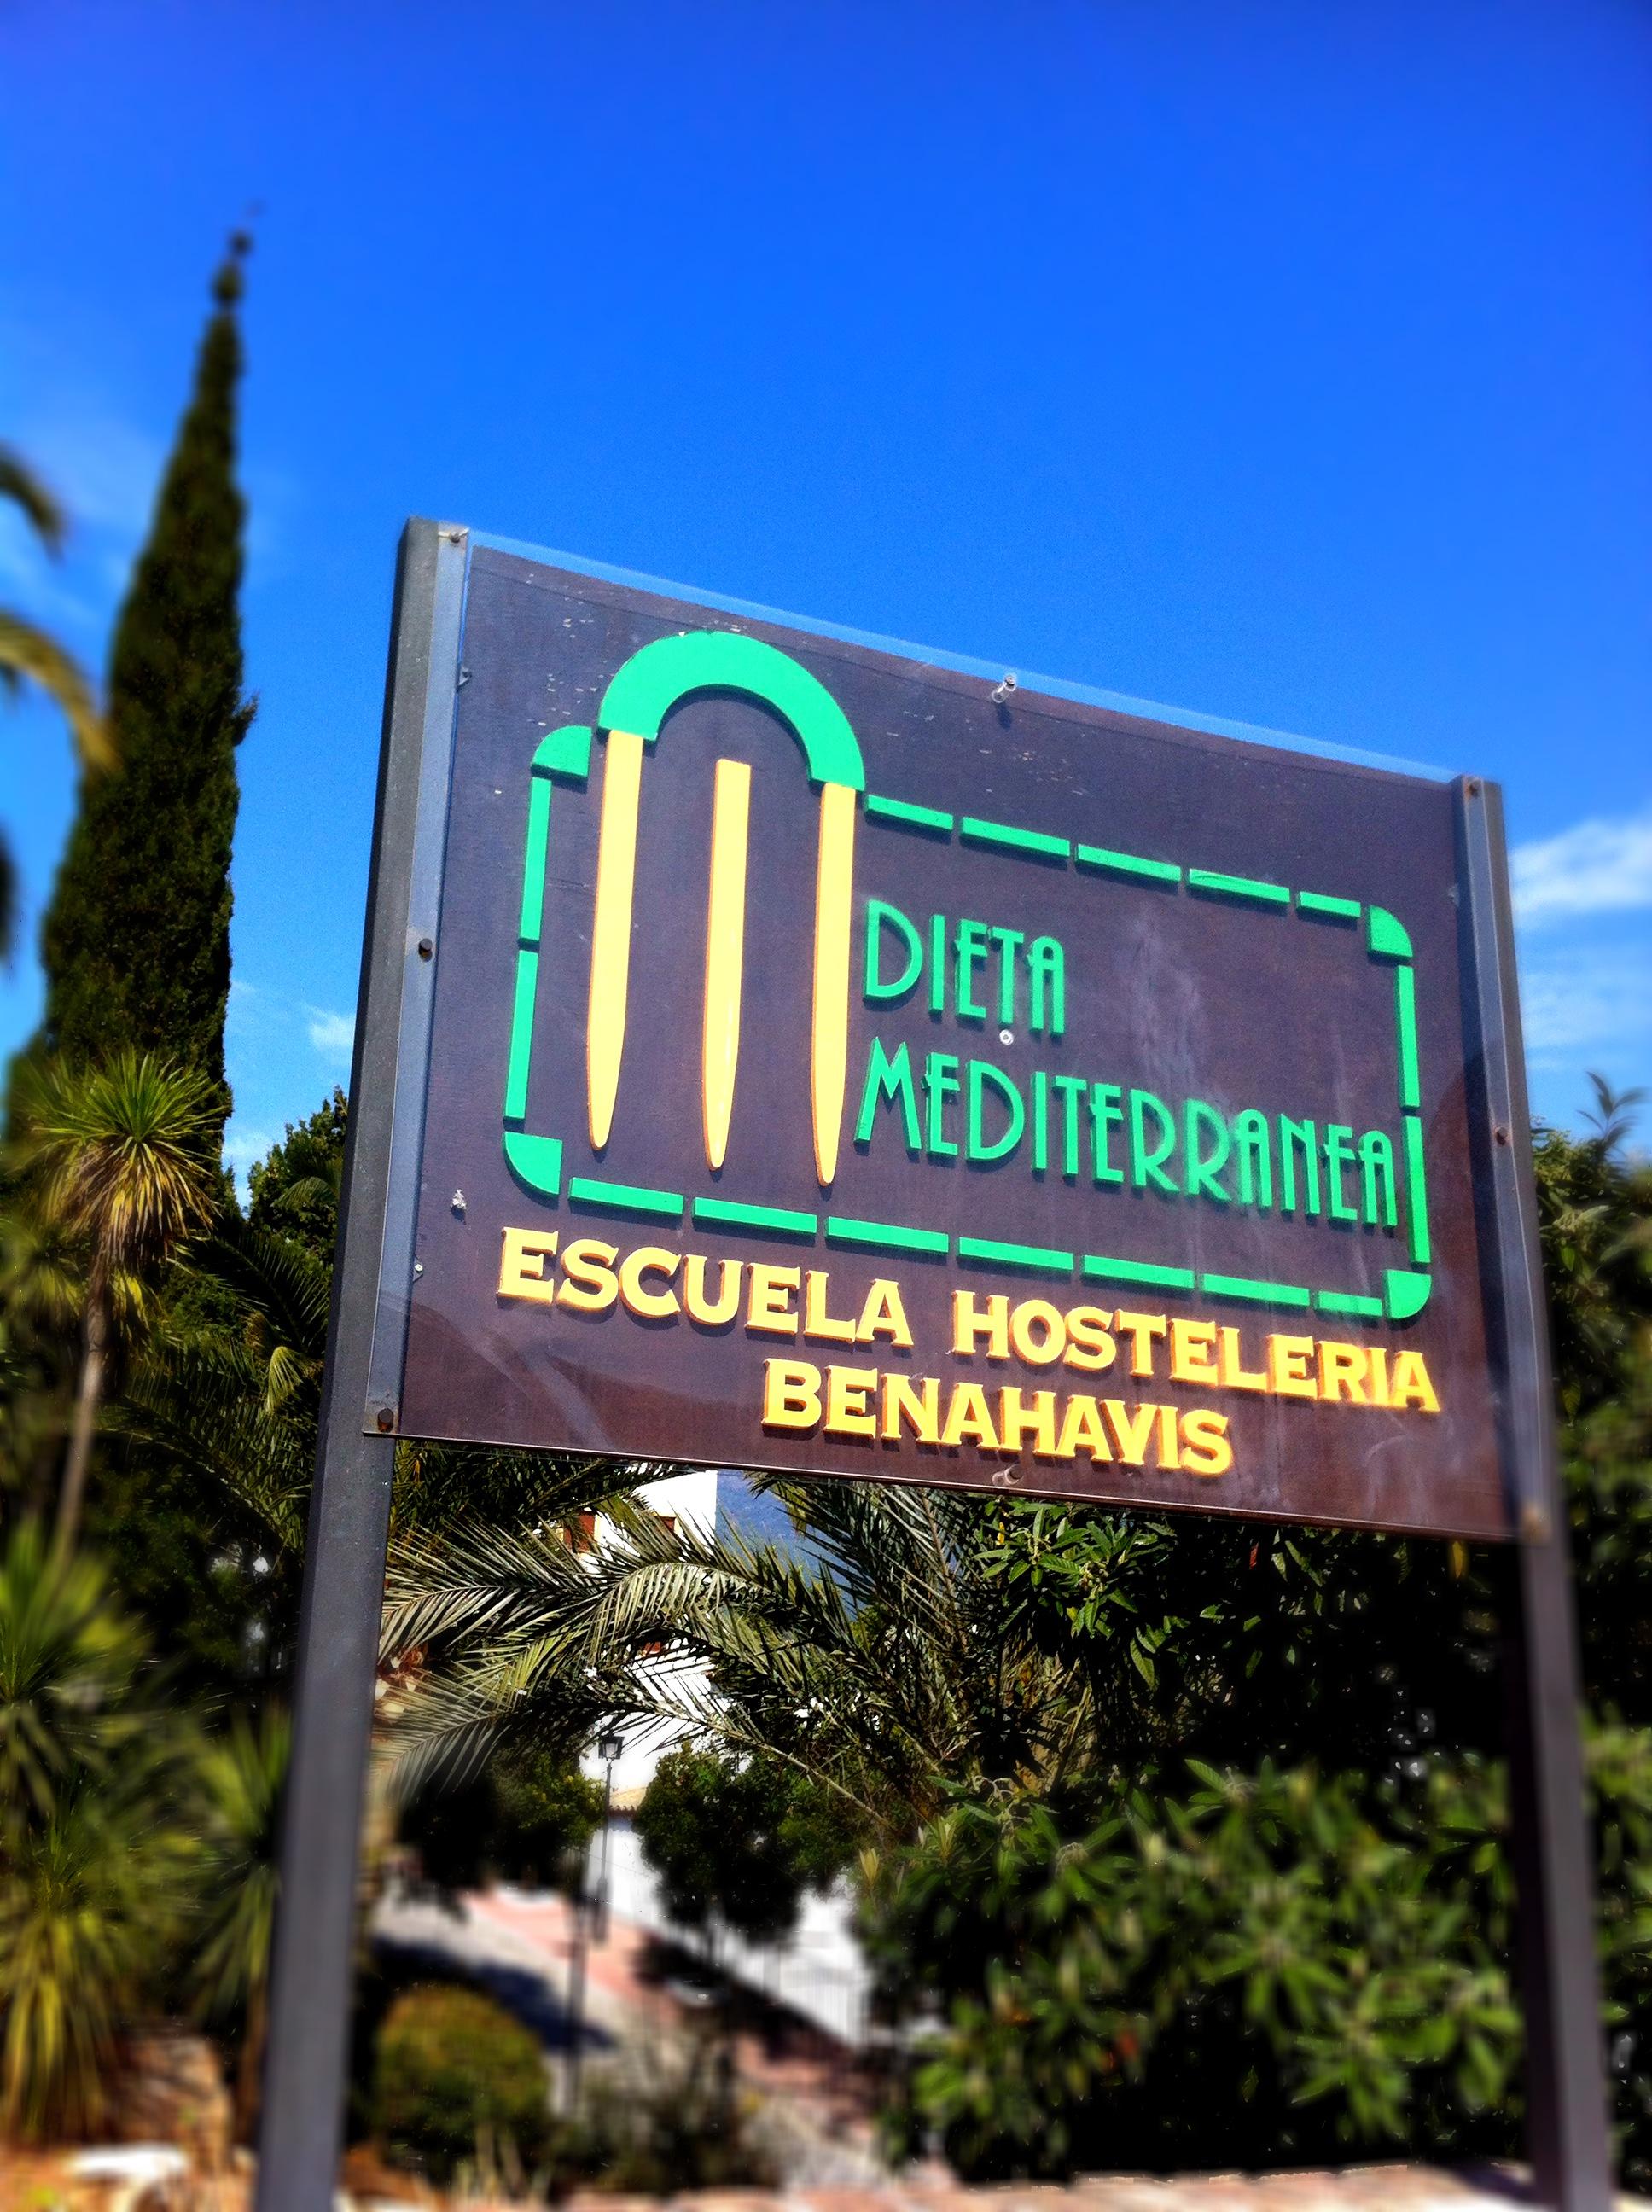 Escuela_Hosteria_Benahavis_de_la_dieta_Mediterranea_andrew_forbes